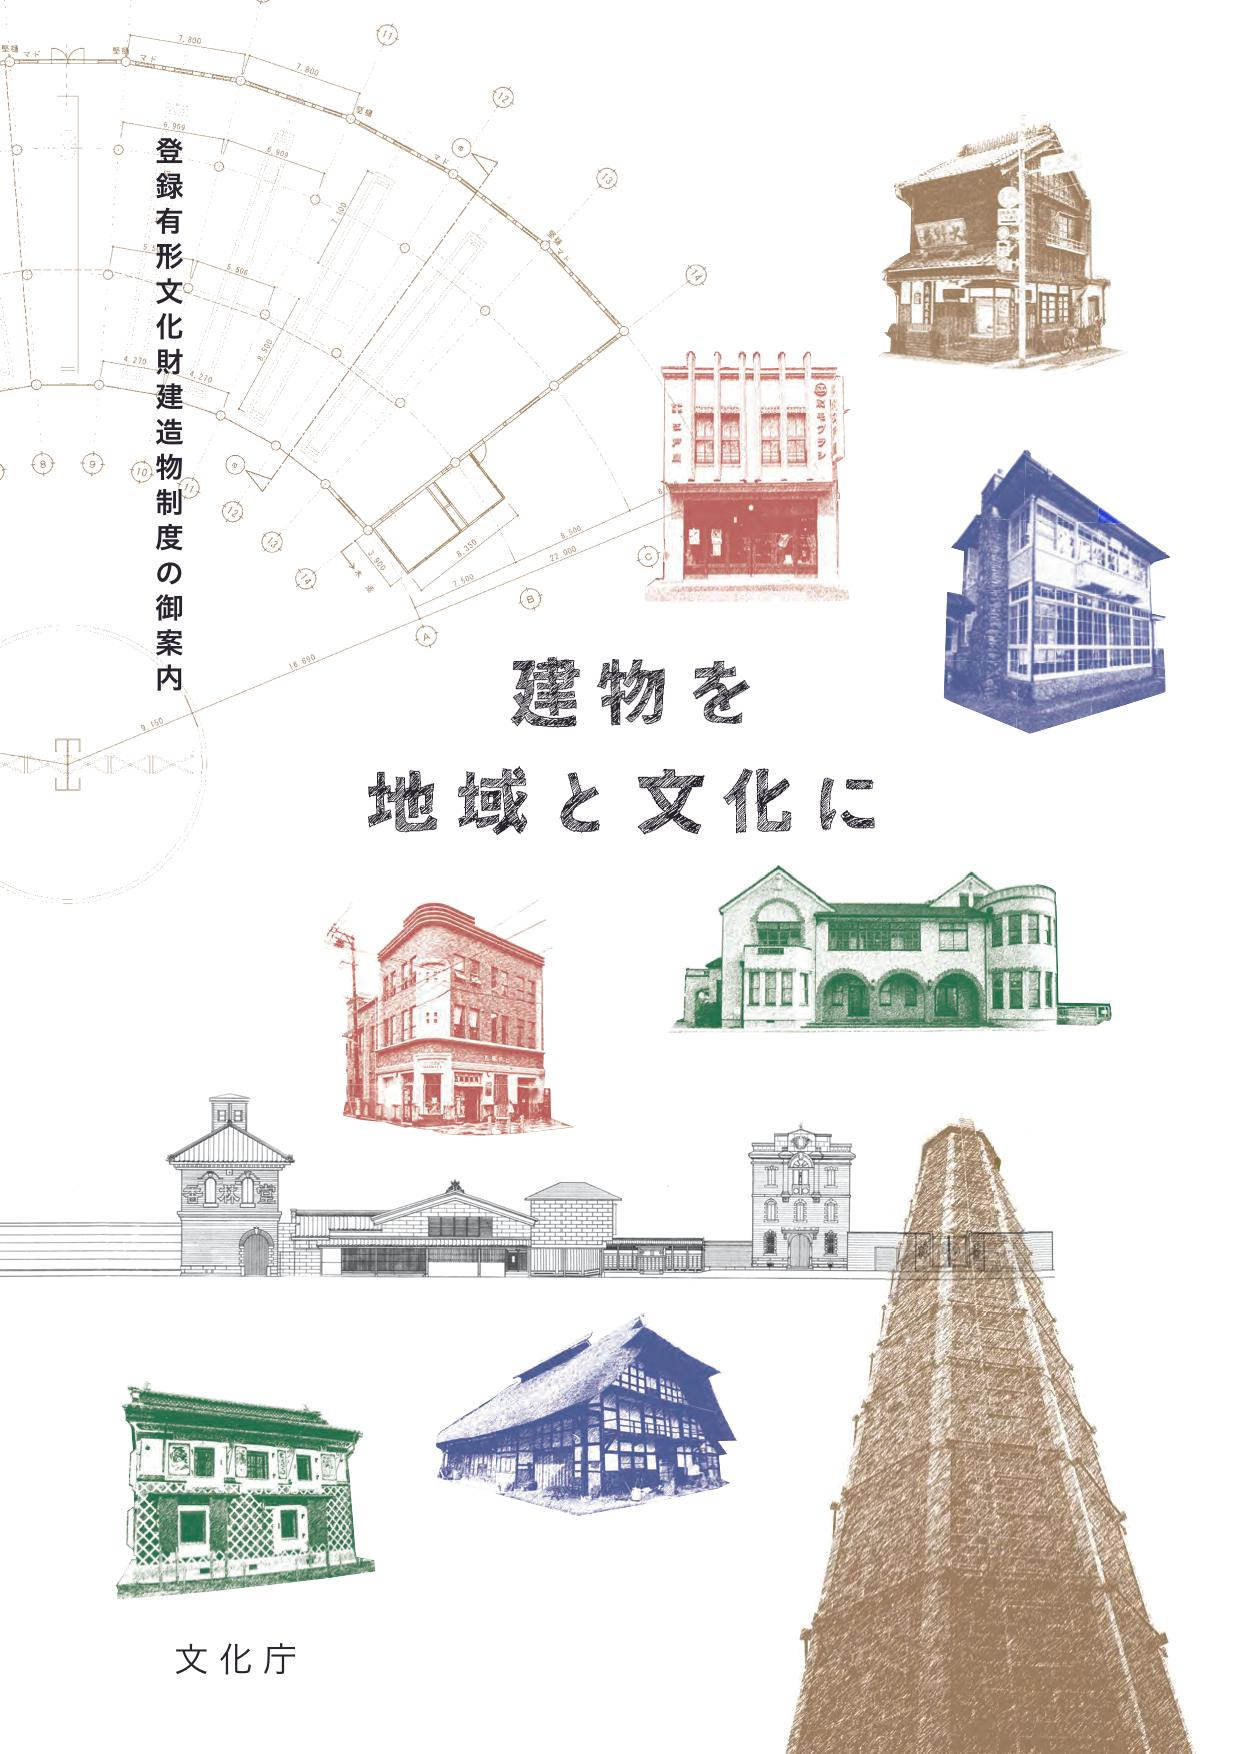 建物を地域と文化に(文化庁)